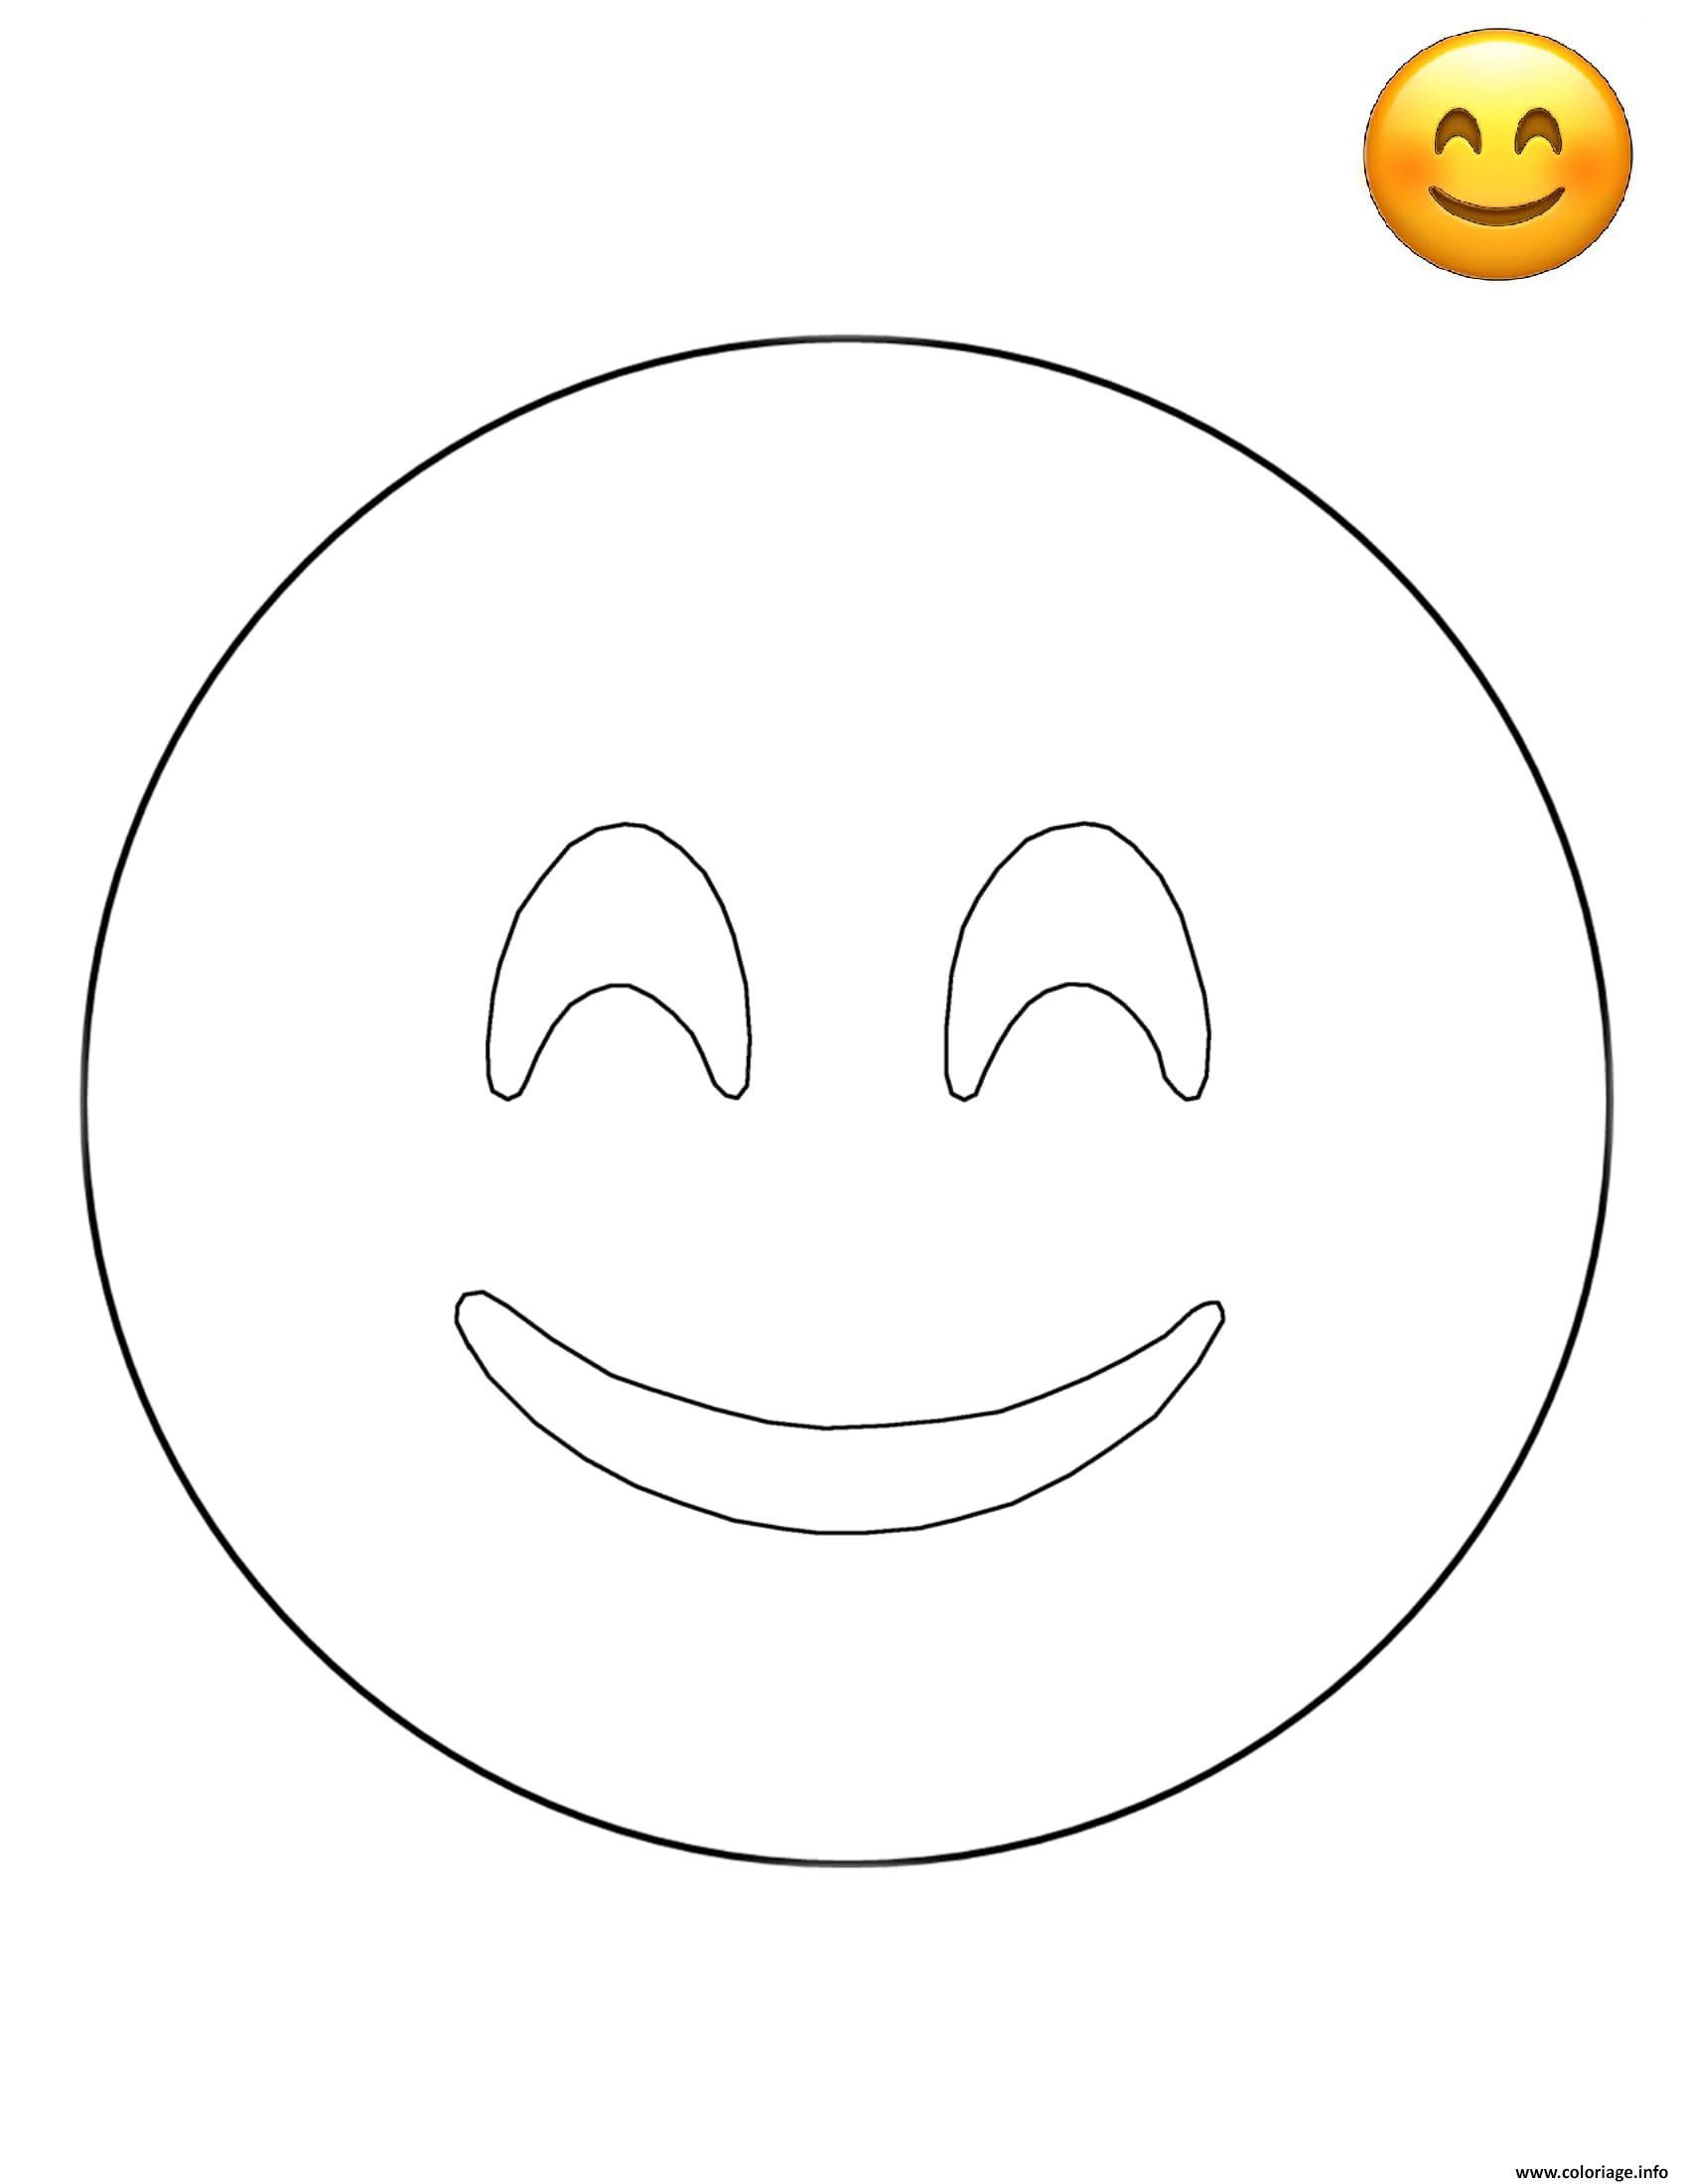 Coloriage emoji smiley face smiley - Smiley a imprimer ...